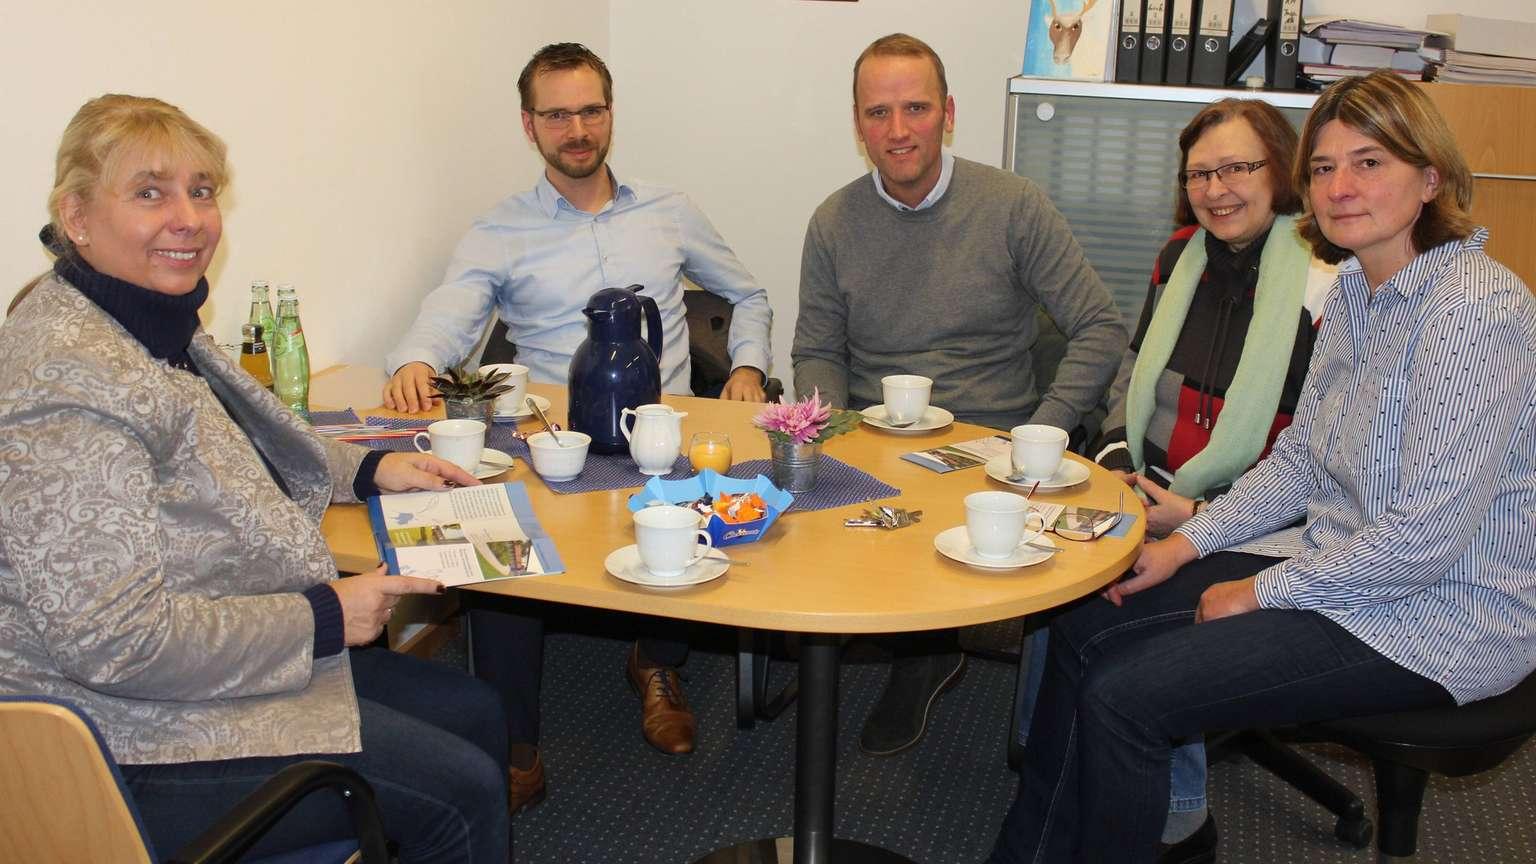 David Nordmann (2.v.l.) und Christian Wiese überraschen Gaby Straube (l.), Andrea Formella und Ines Ozegowski (r.) - Foto: Nölker